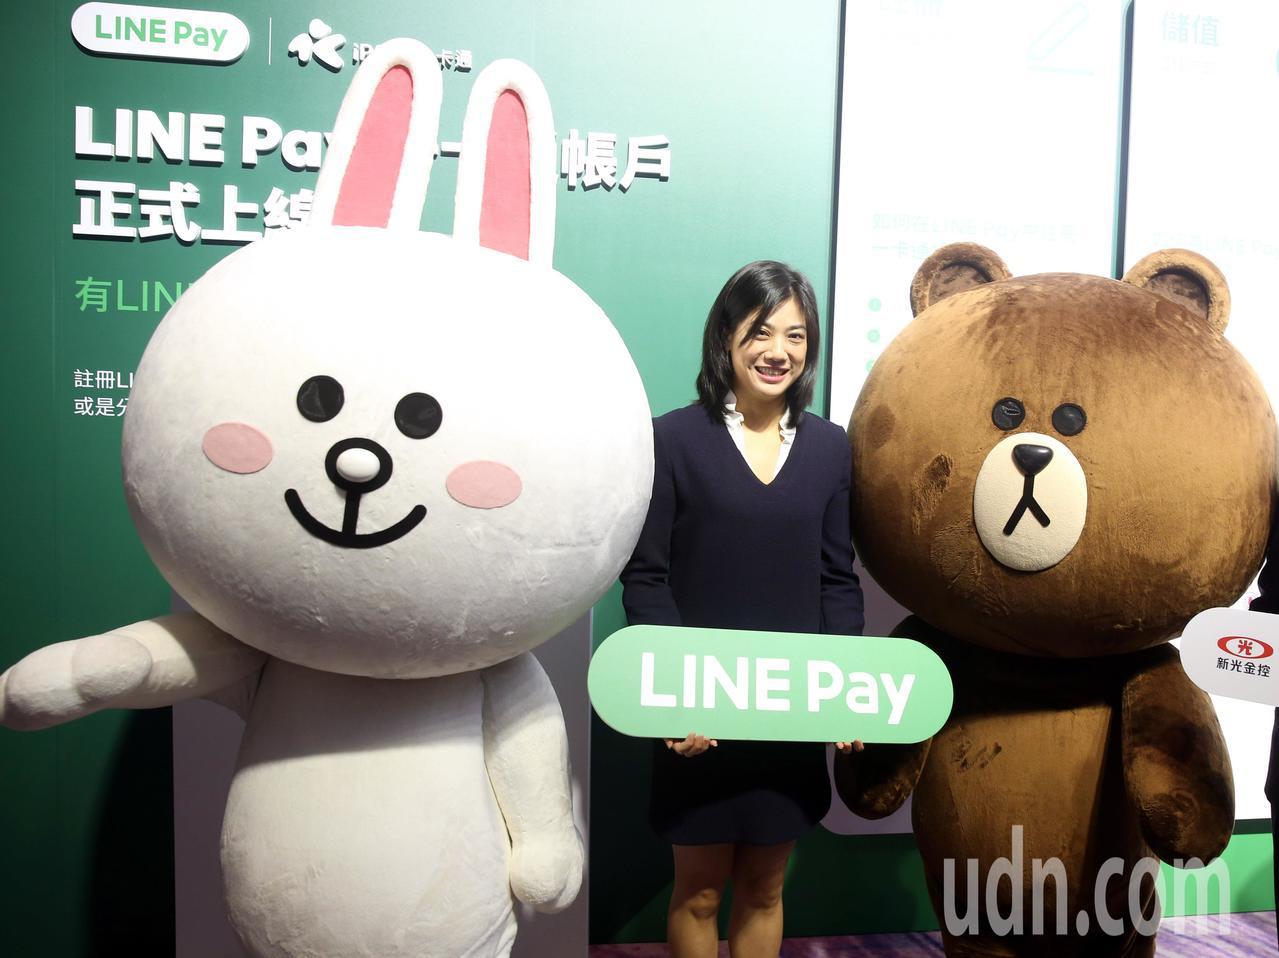 Line pay與一卡通合作,新光集團小公主吳欣儒代表新光銀行出席,笑咪咪的與熊...